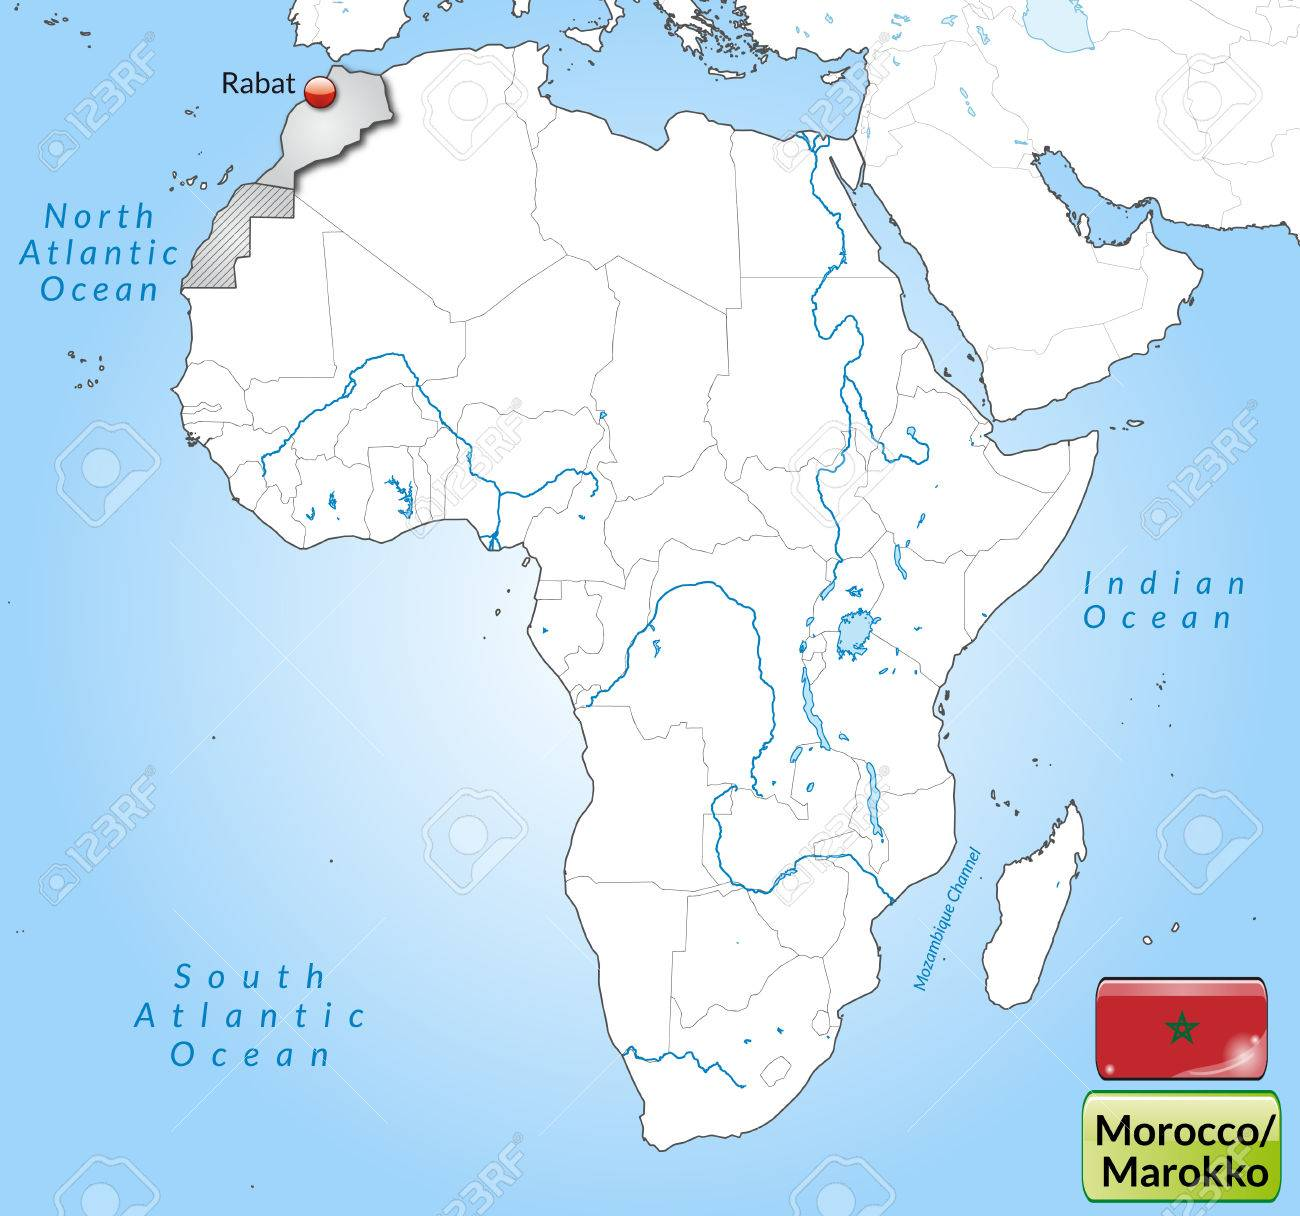 Cartina Politica Del Marocco.Vettoriale Mappa Del Marocco Con Le Principali Citta In Grigio Image 25020557